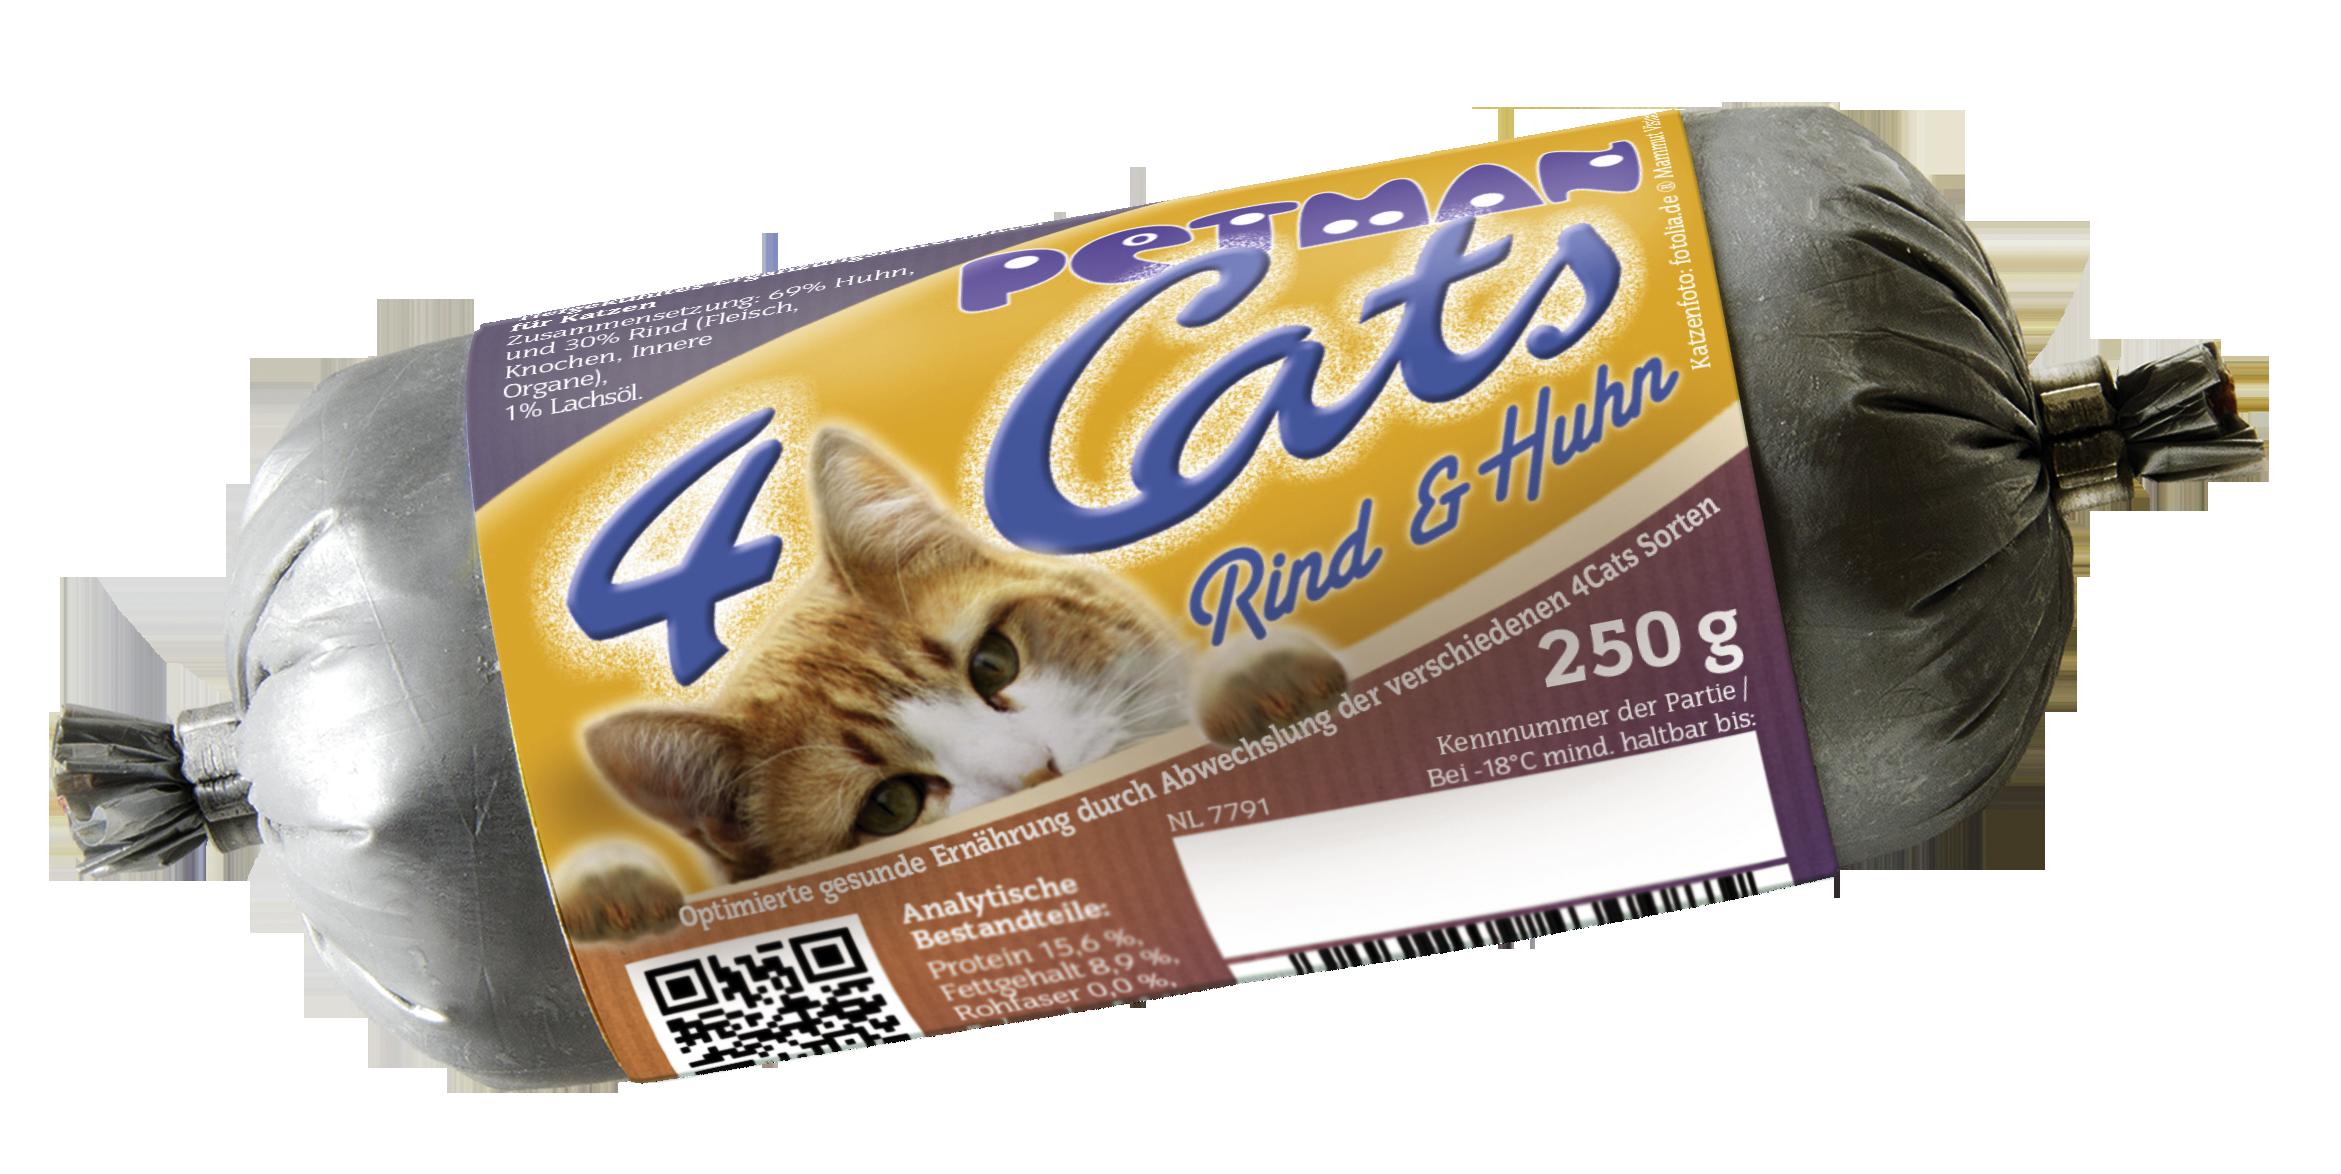 Petman 4Cats Rind + Huhn Wurst 250g